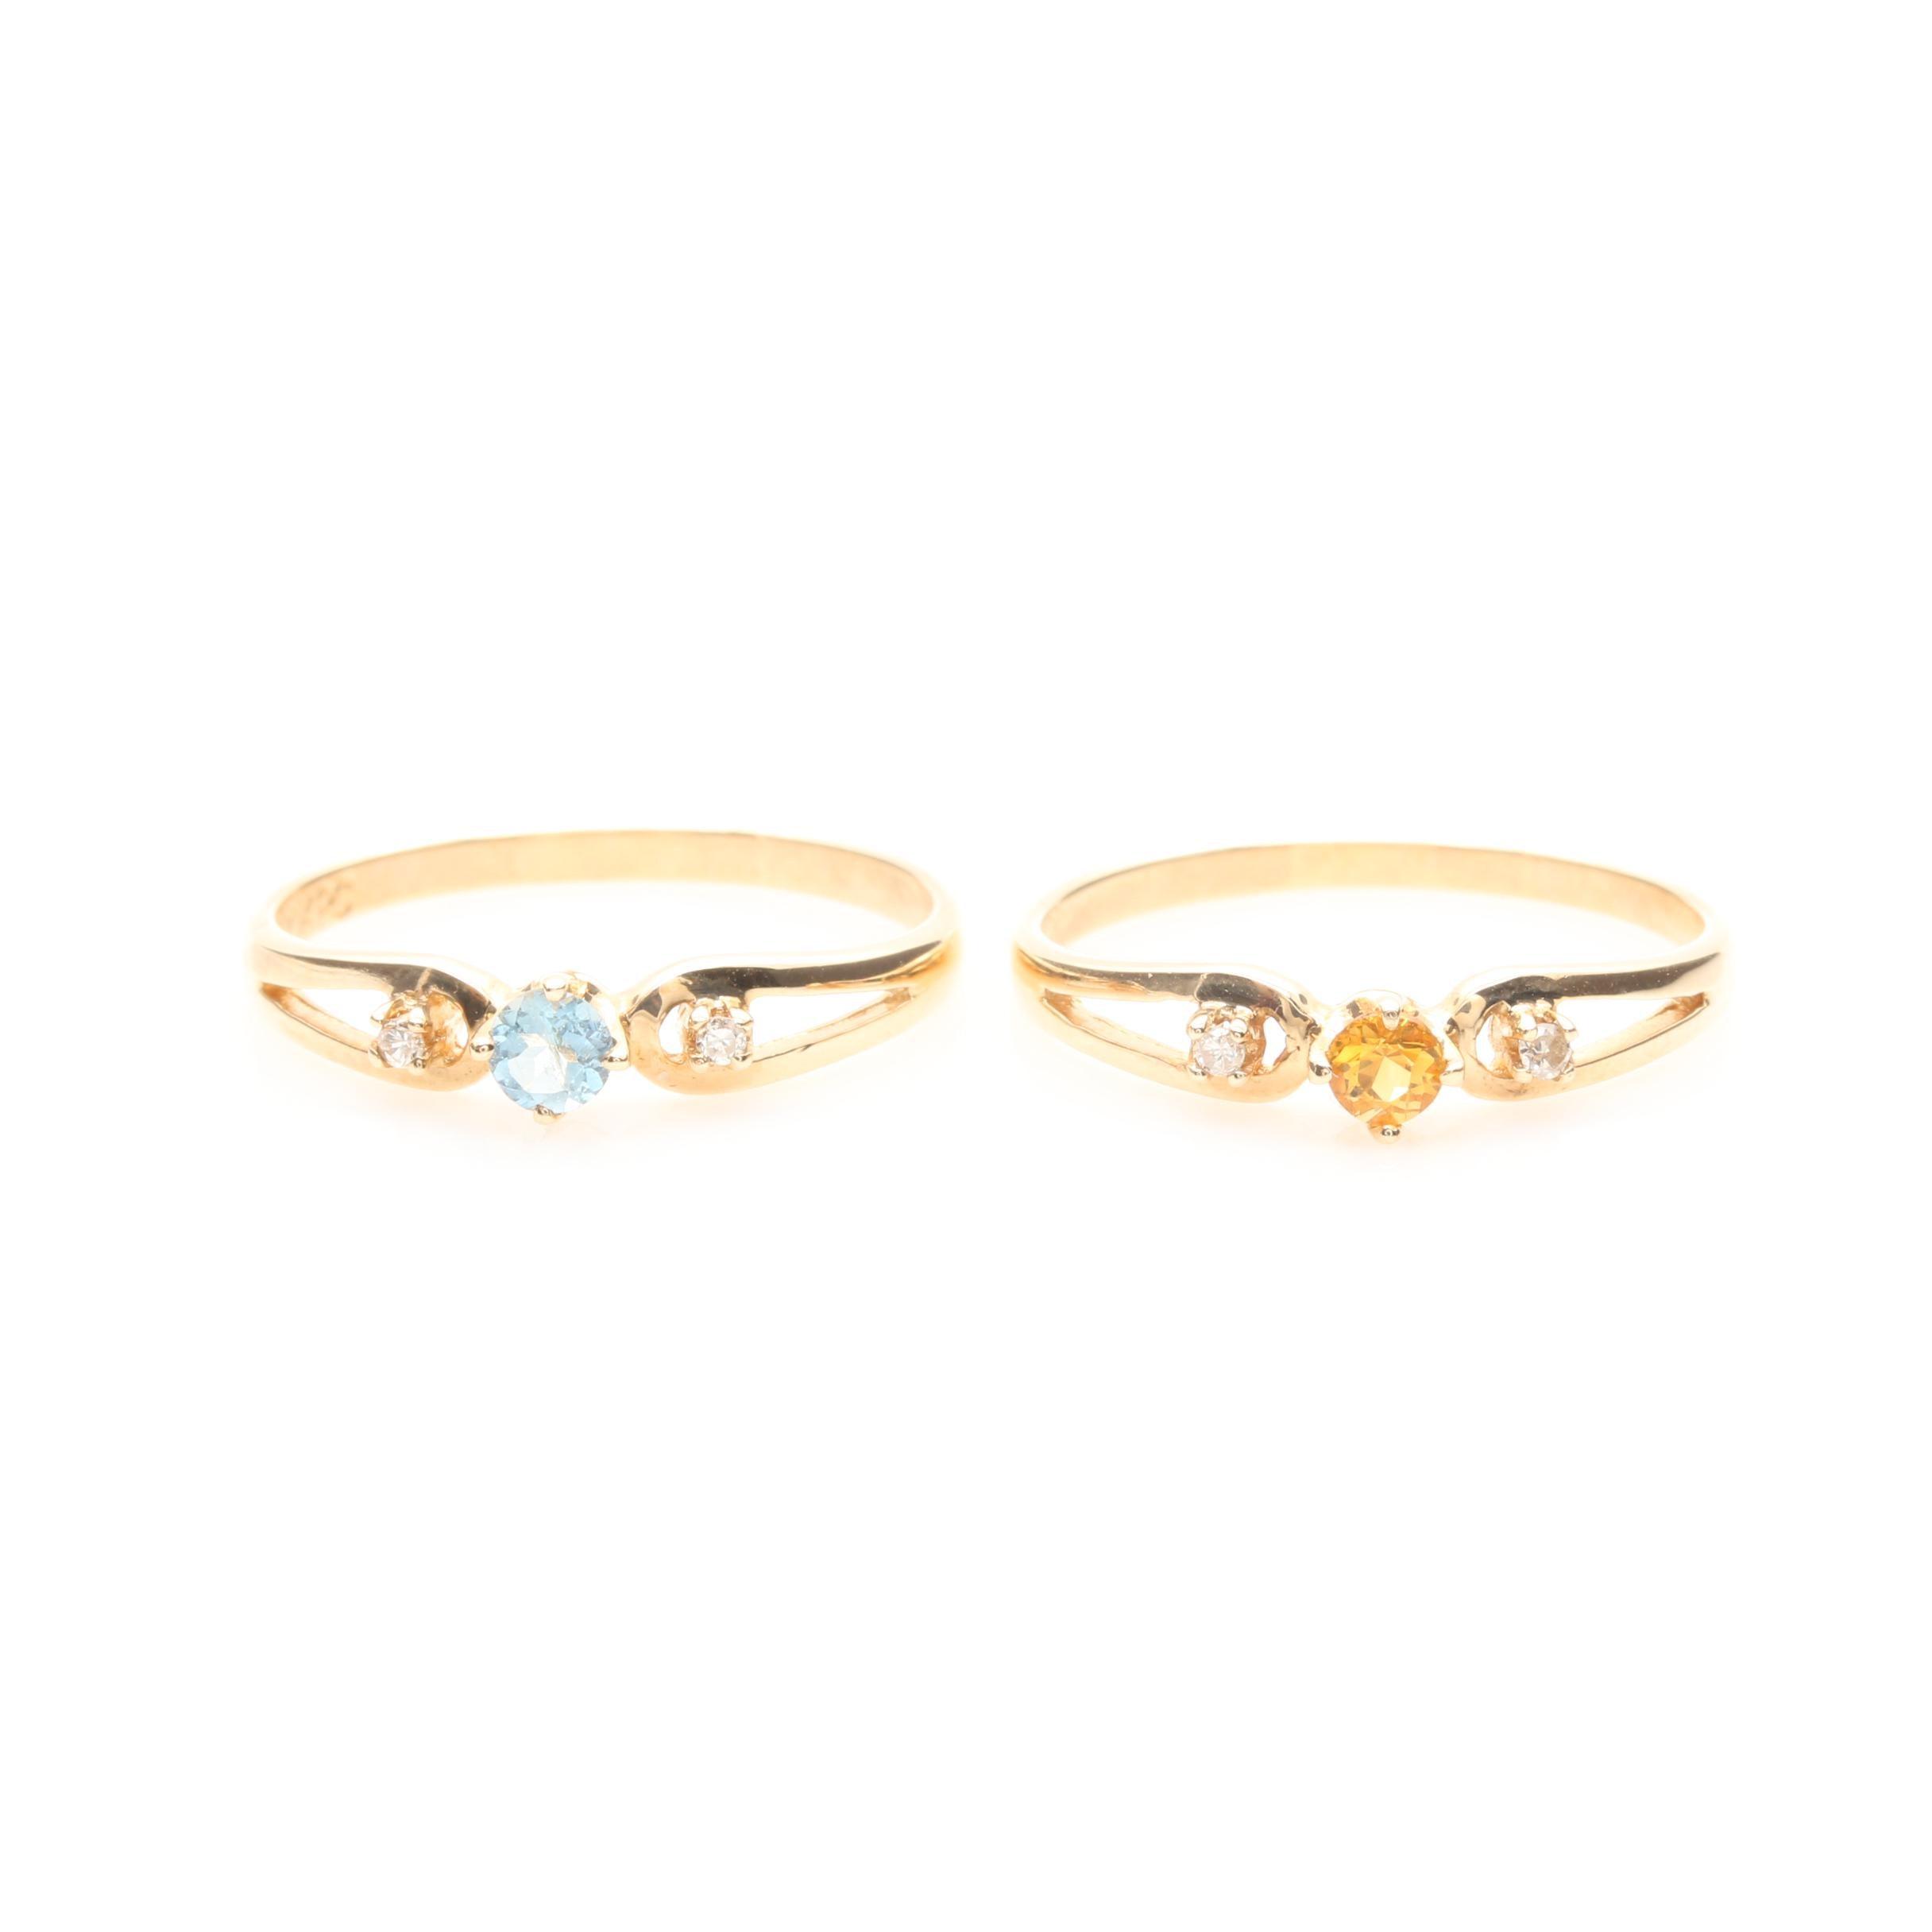 10K Yellow Gold Aquamarine, Citrine, and Diamond Rings